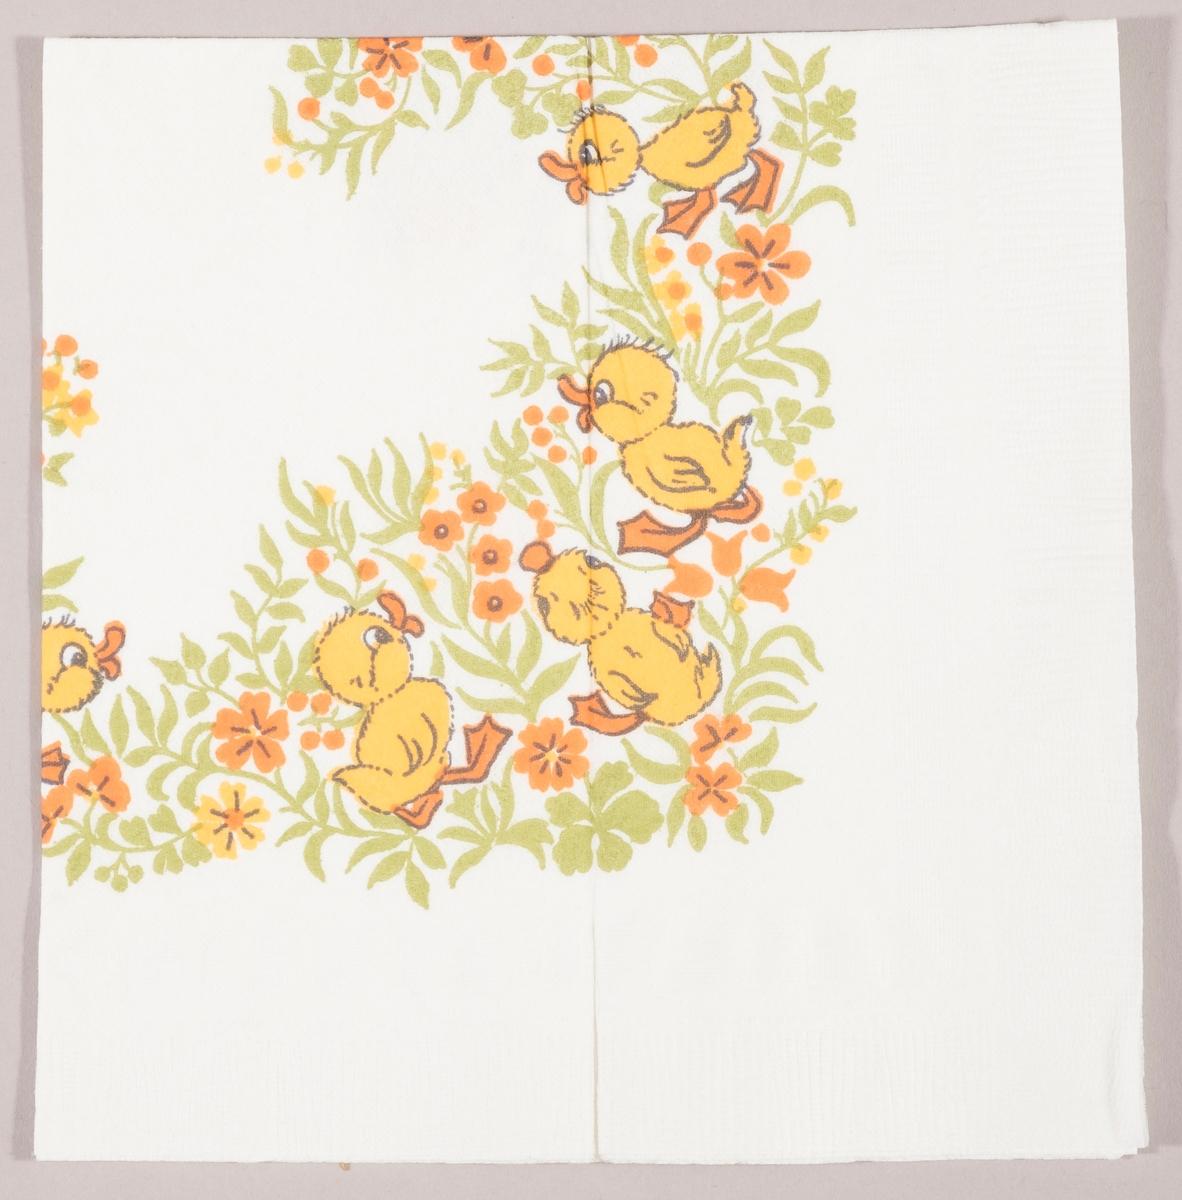 Andunger i en blomstereng med gule og oransje blomster.